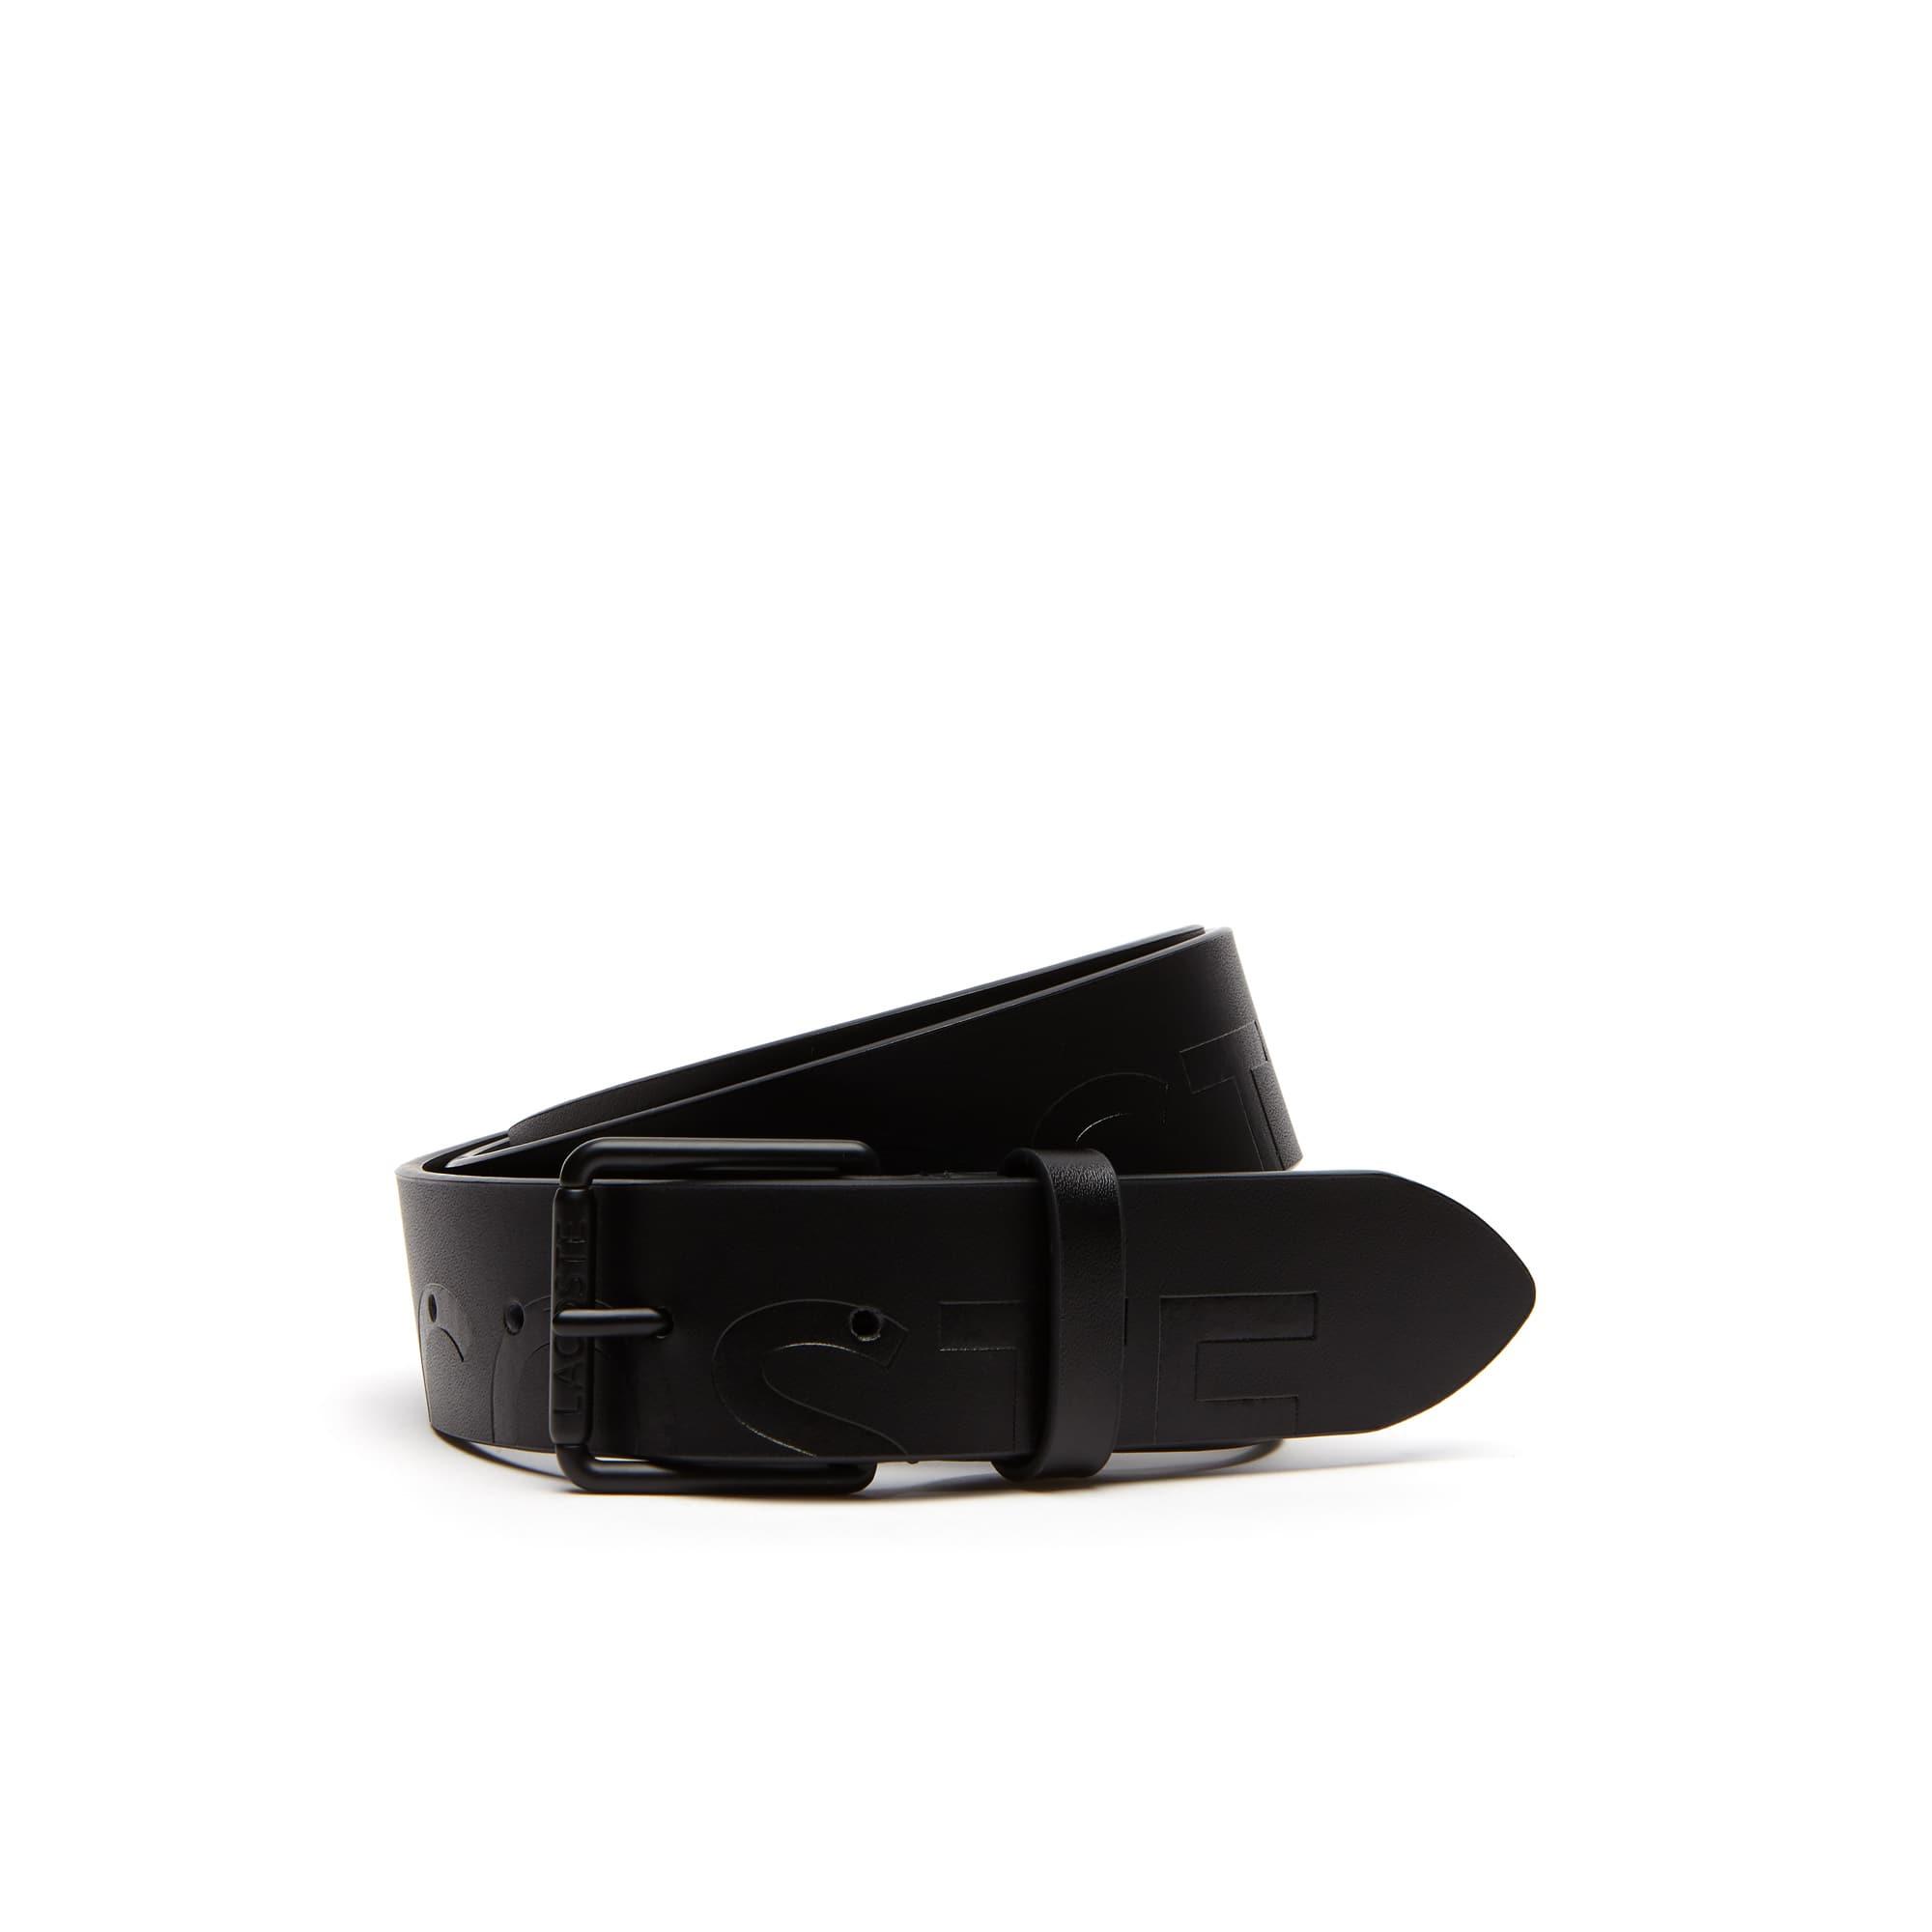 Cintura in pelle marchiata Lacoste con fibbia a rullo dotata di incisione